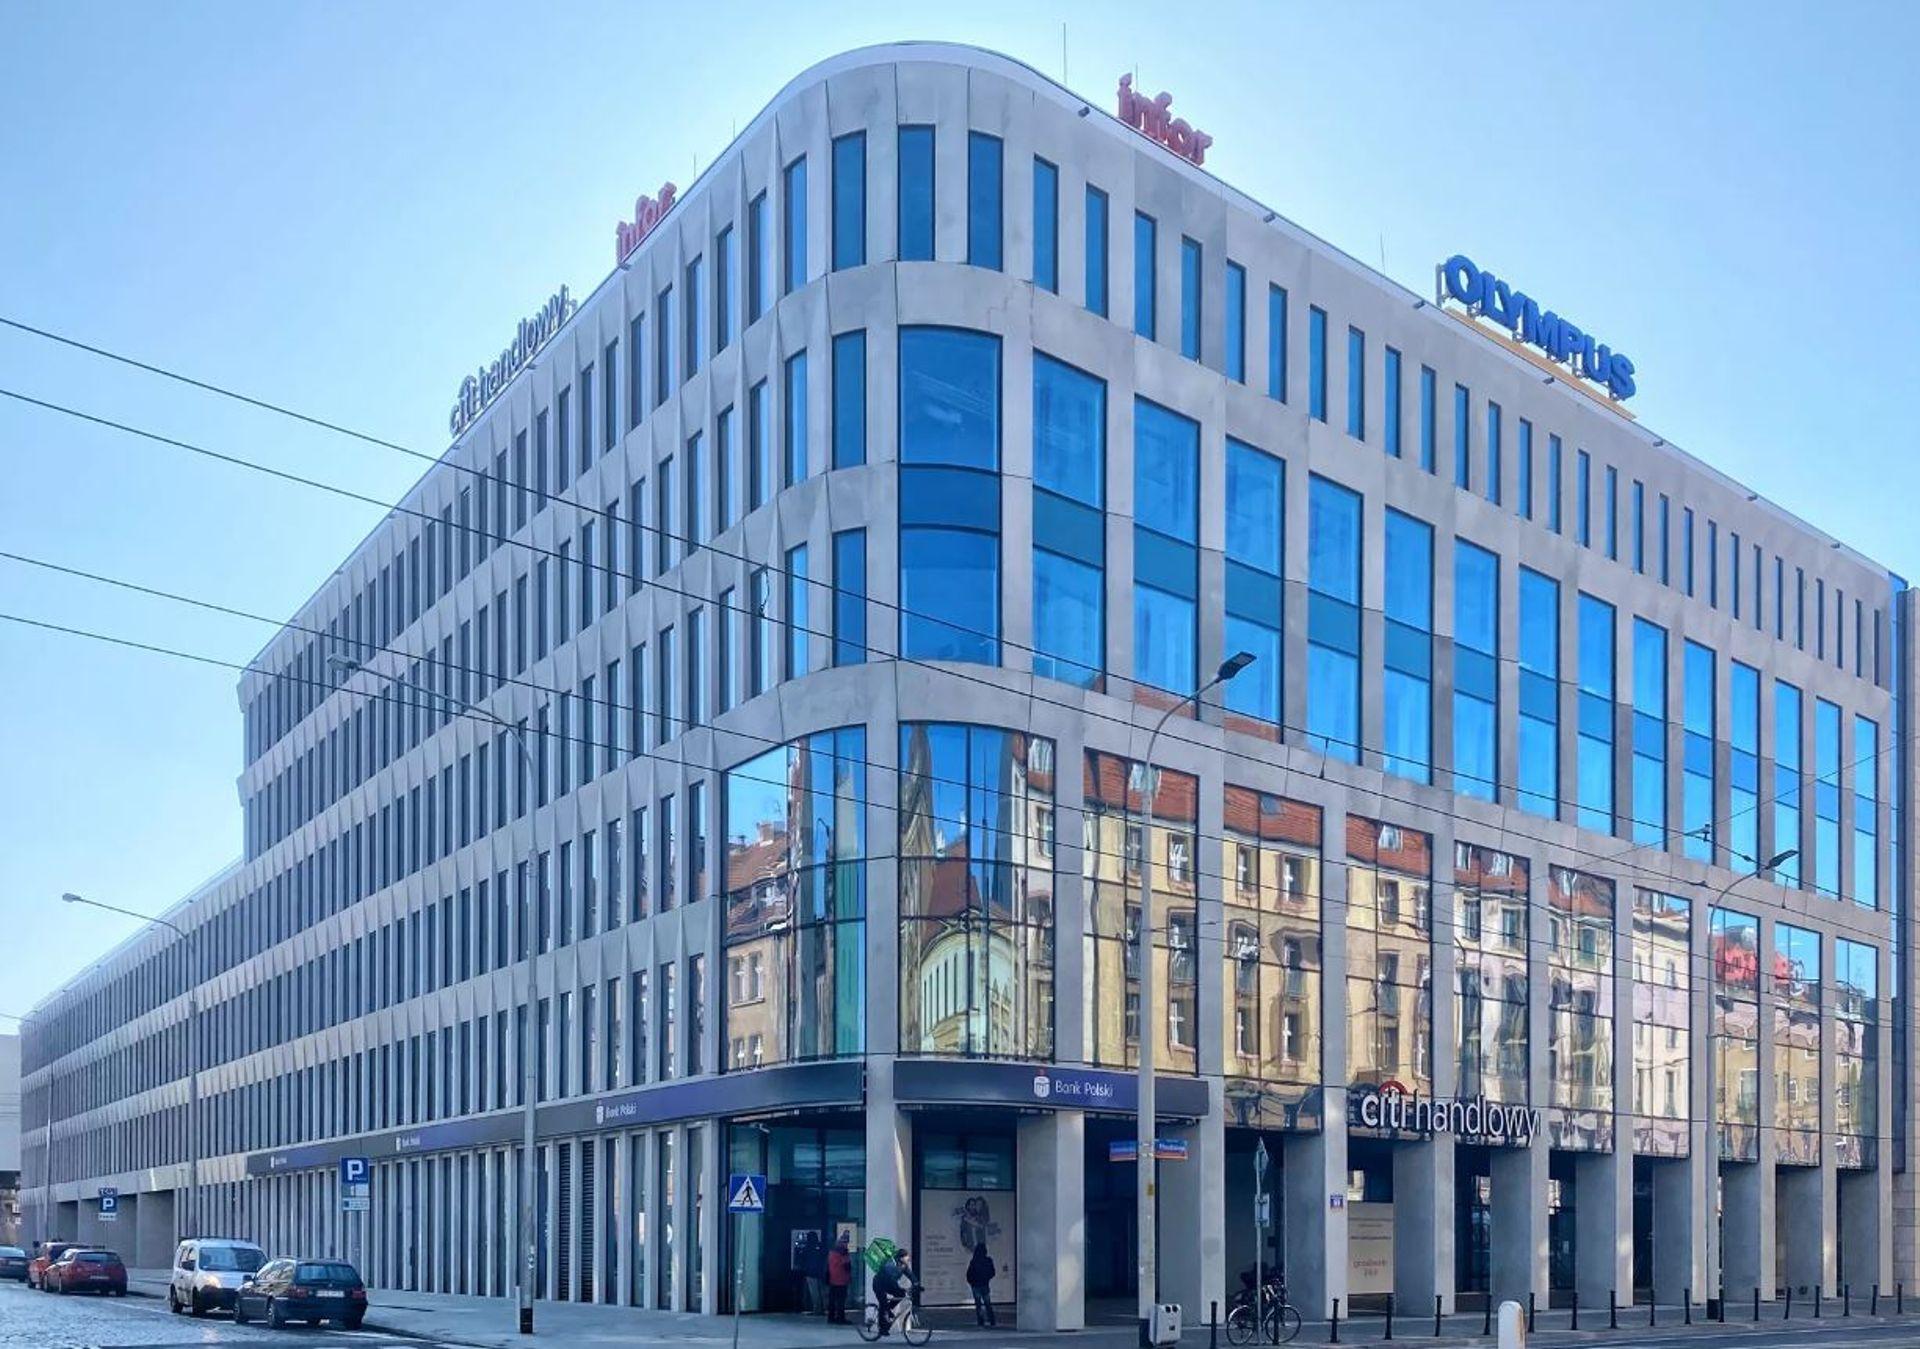 Amerykański Infor zwiększy zatrudnienie we Wrocławiu